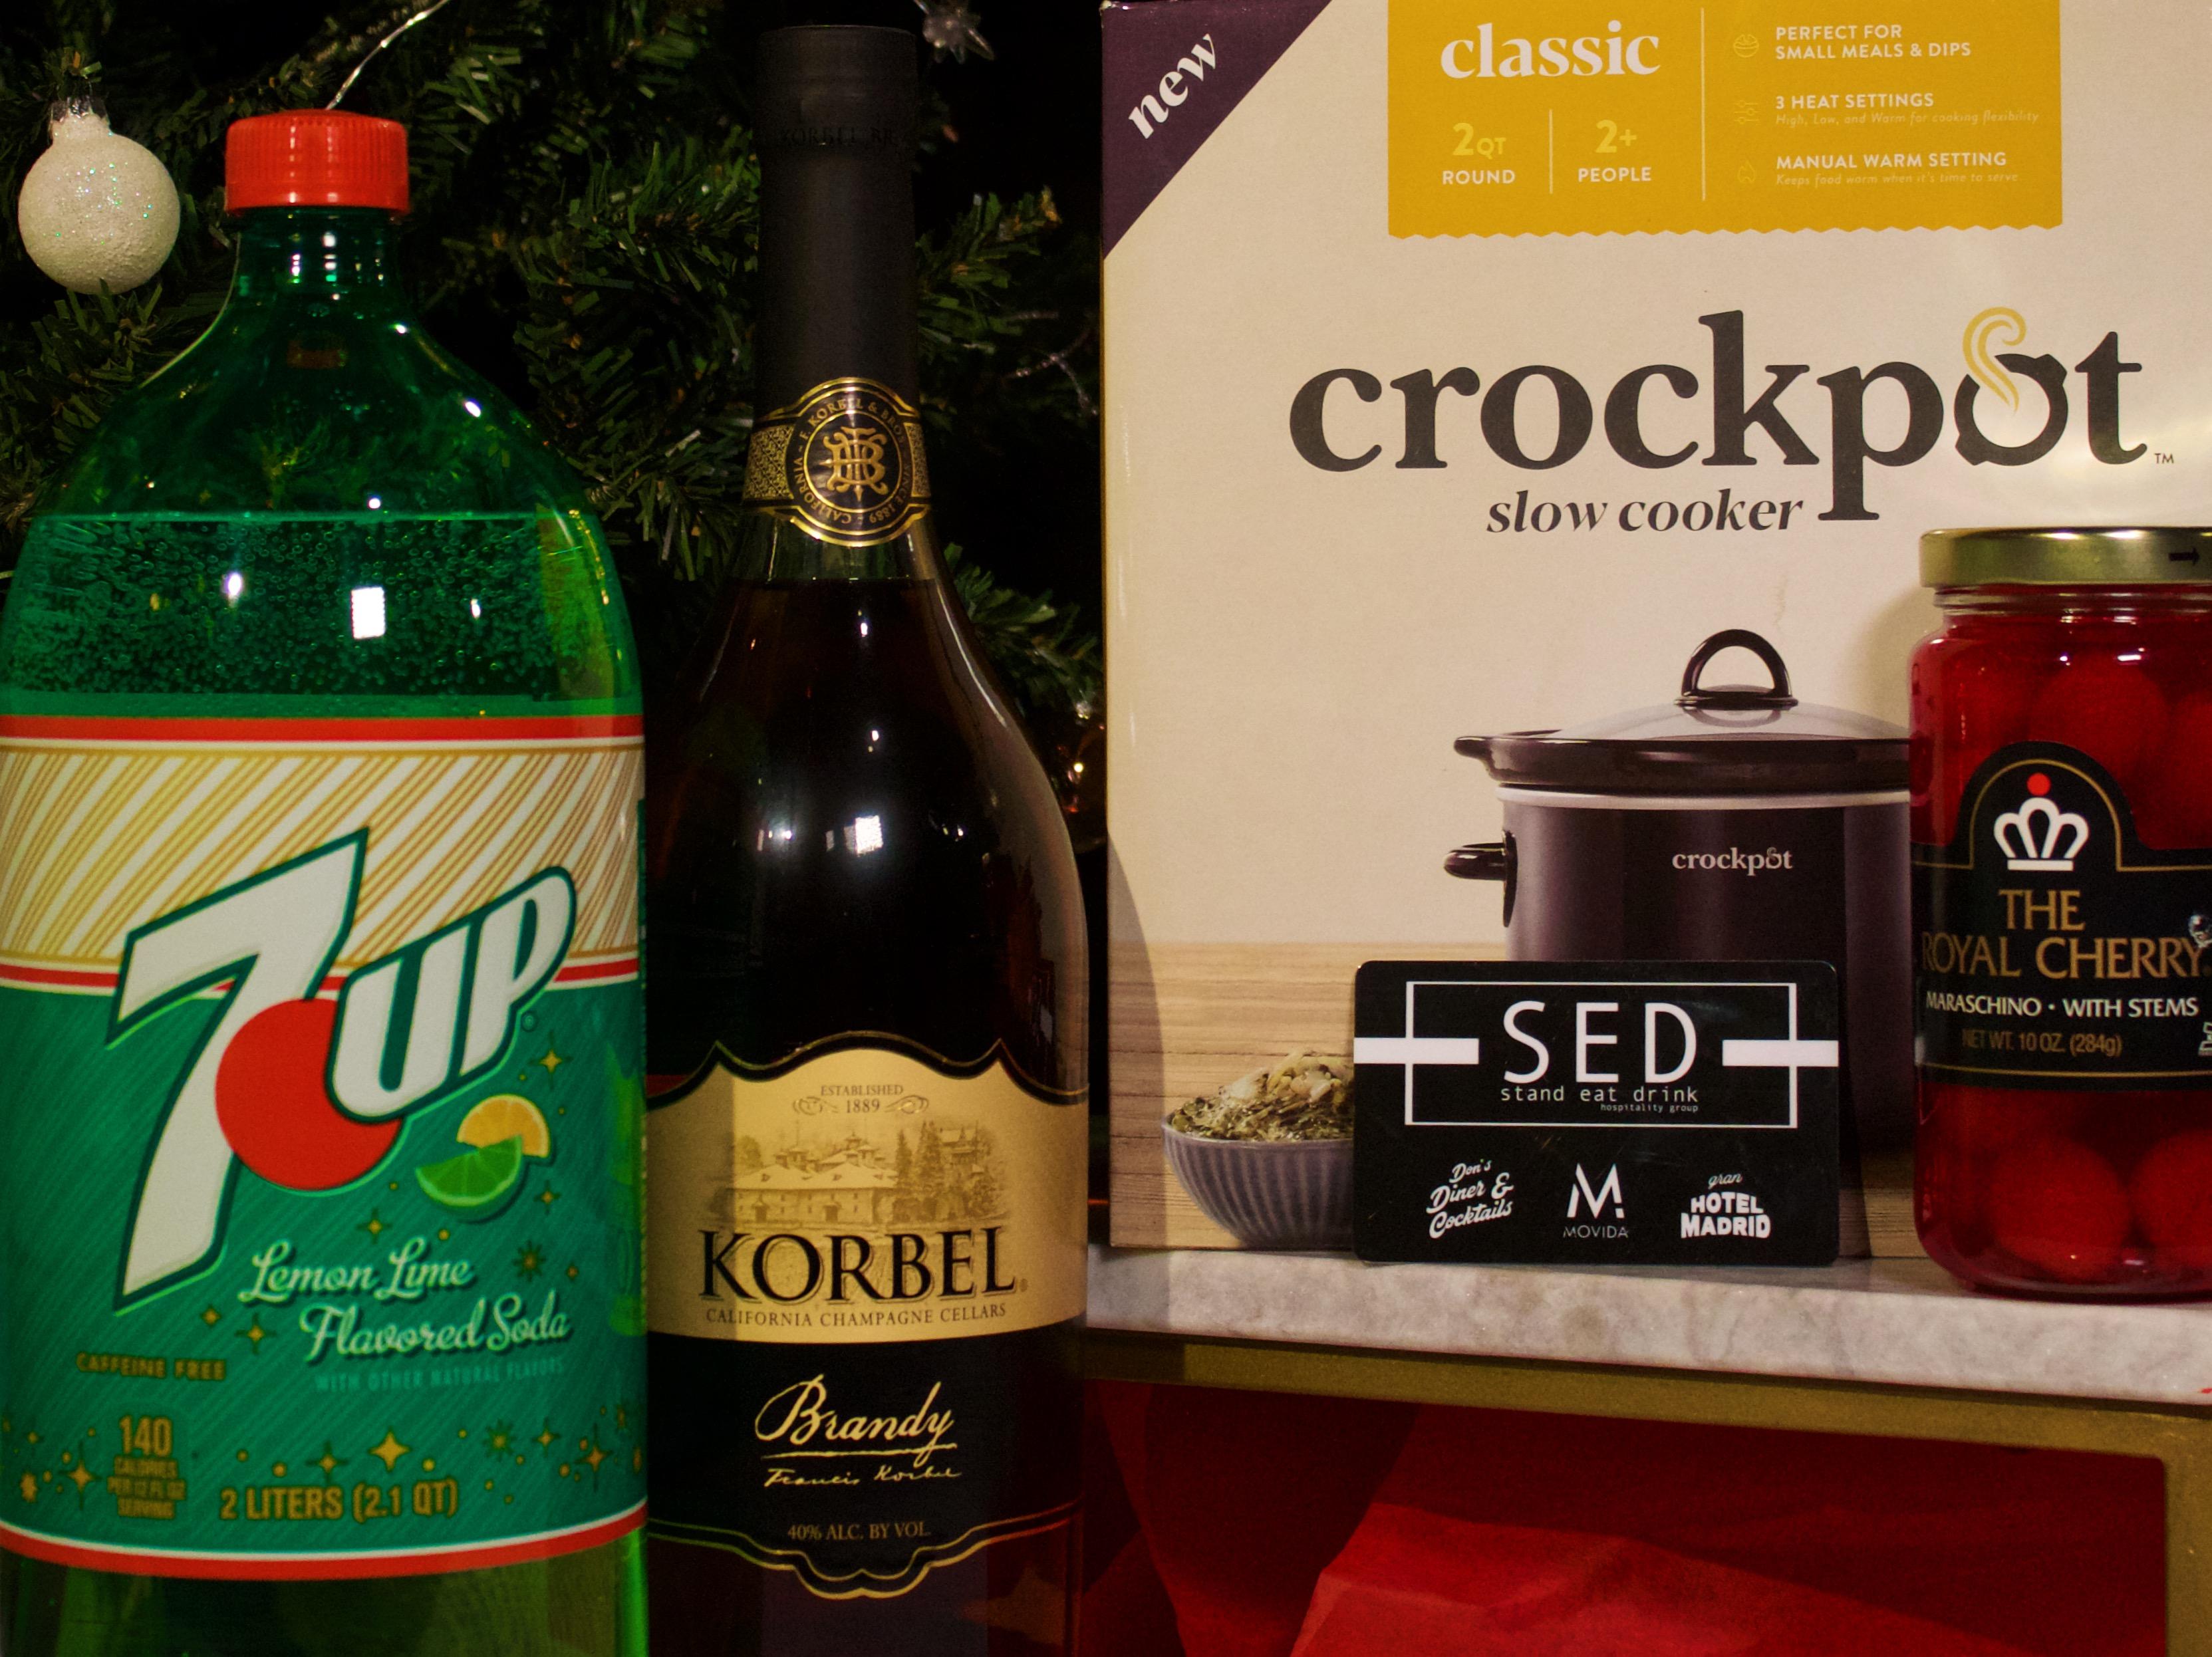 Crockpot Old Fashion Kit